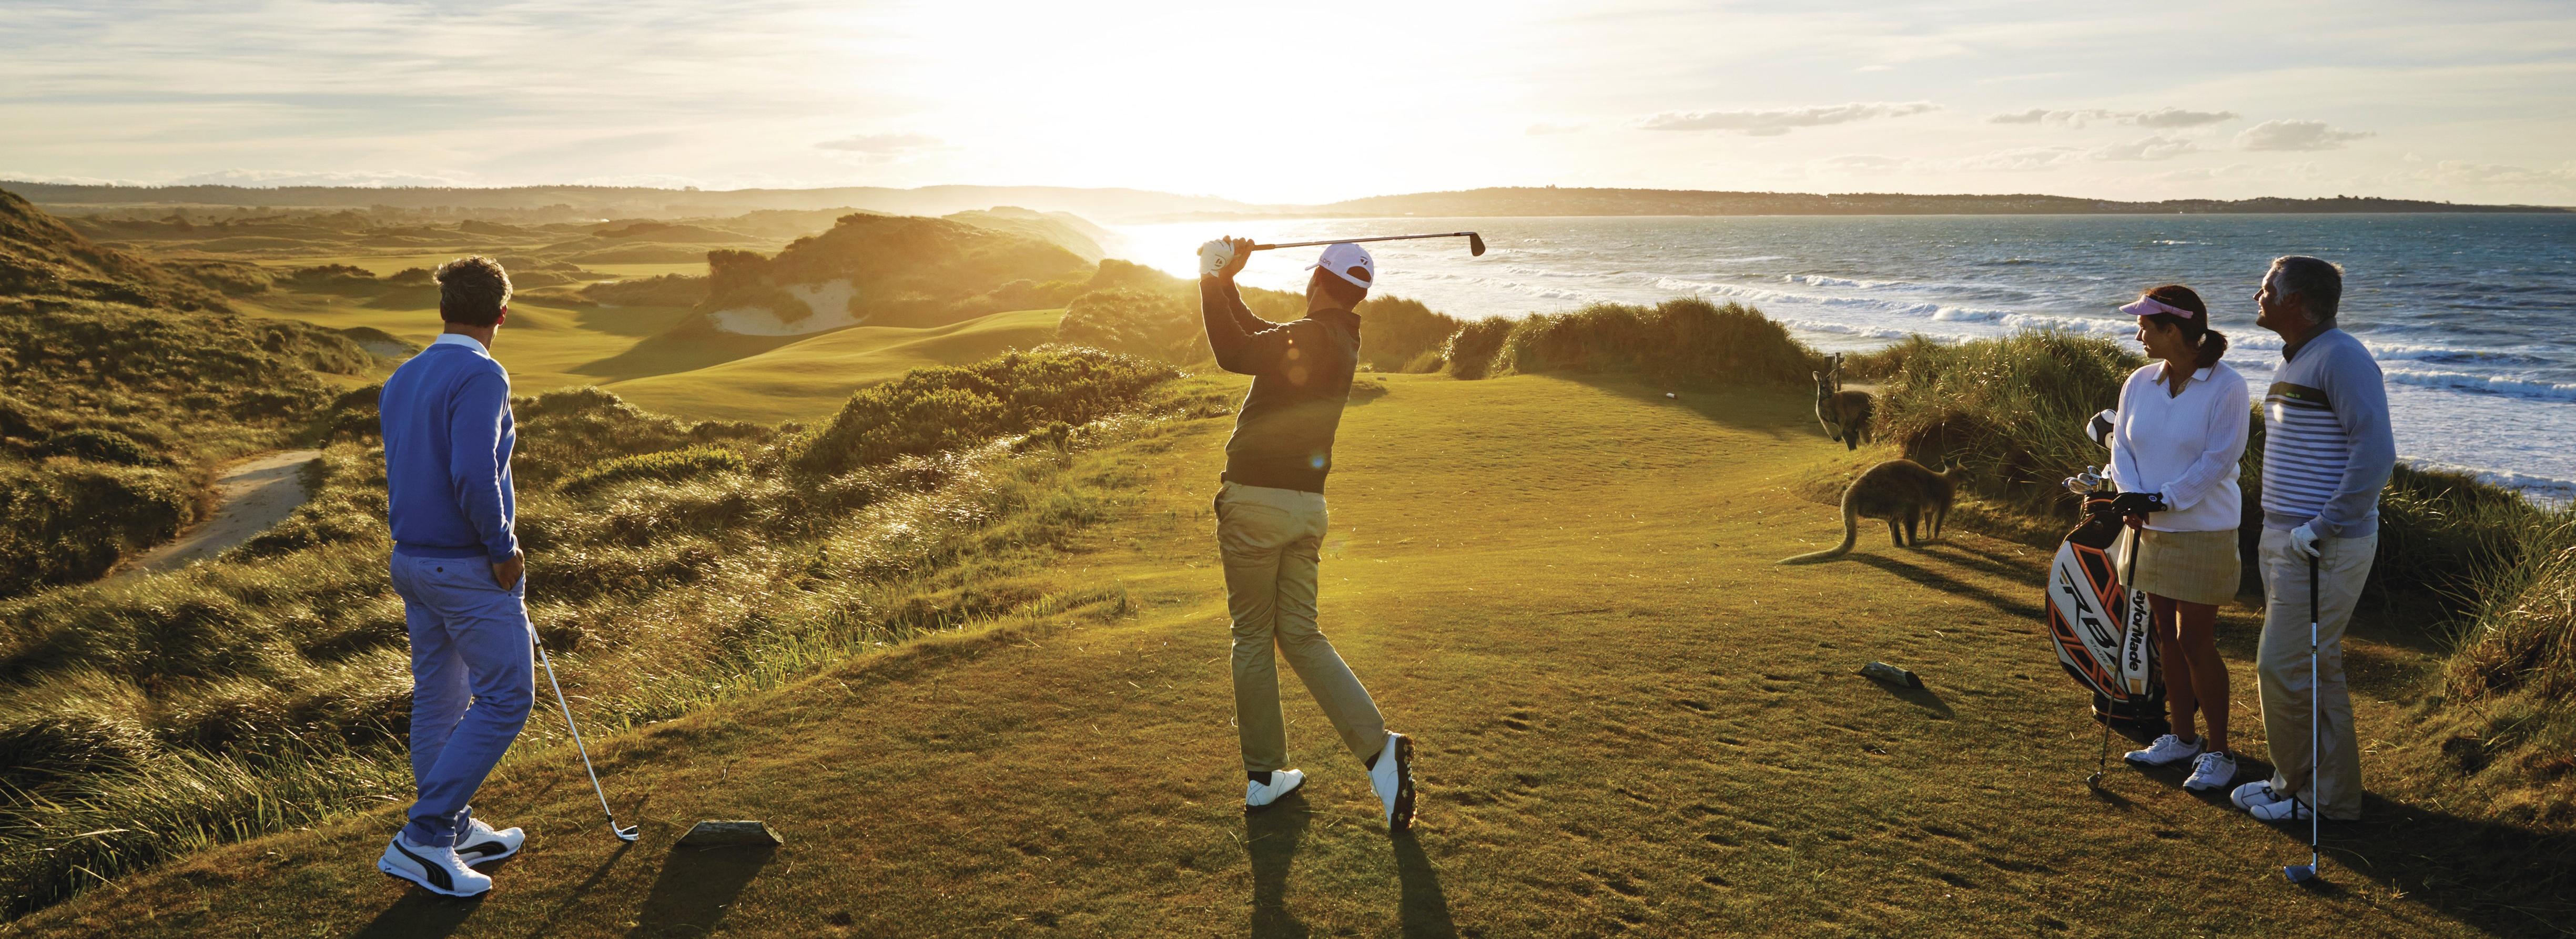 Tour chơi golf tại Úc